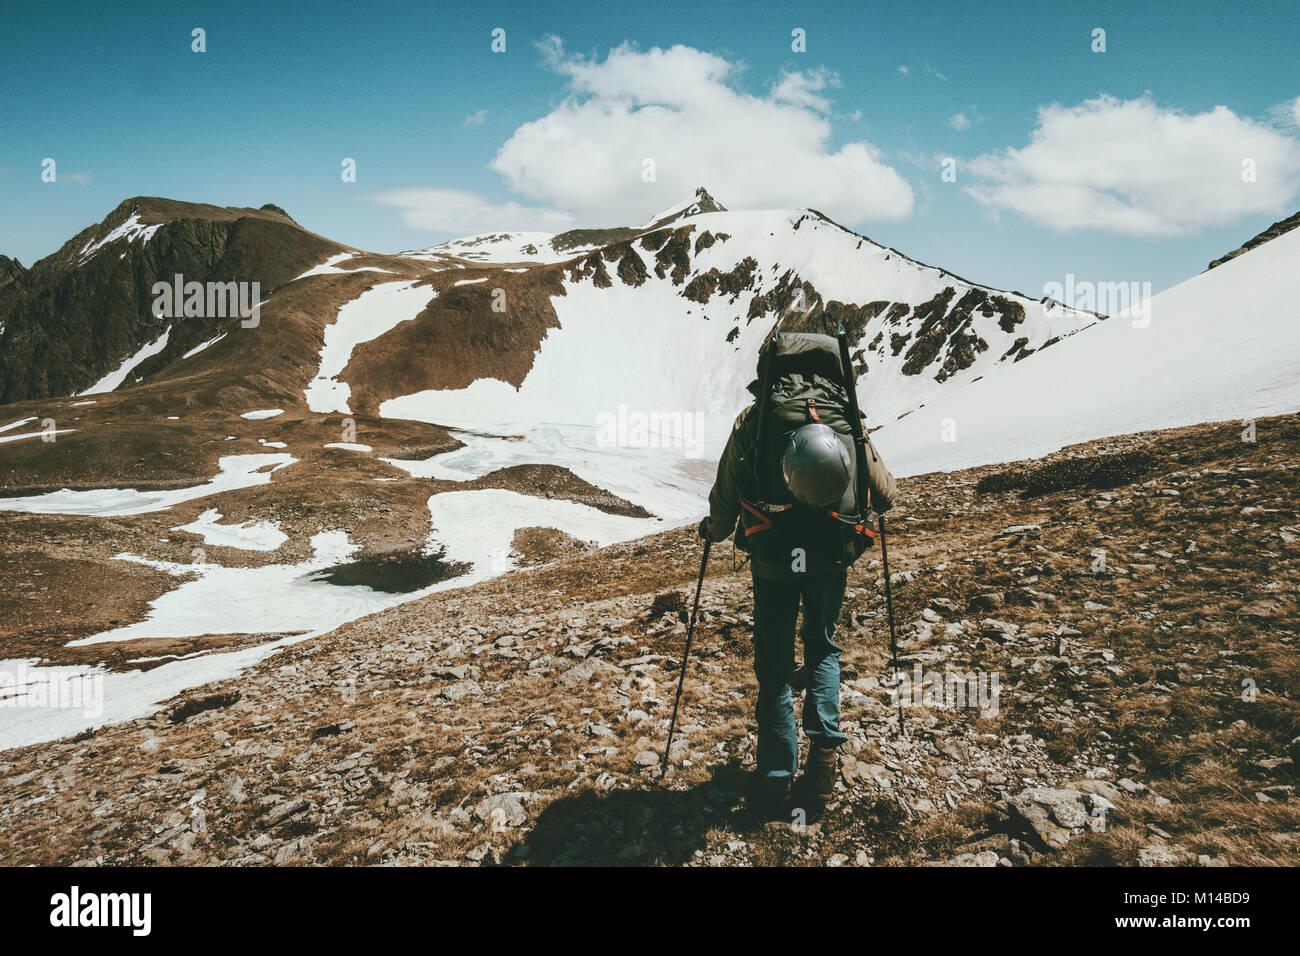 Menschen wandern mit grossen Rucksack Reisen Lifestyle überleben Konzept Abenteuer Outdoor Aktiv Ferien klettern Stockbild